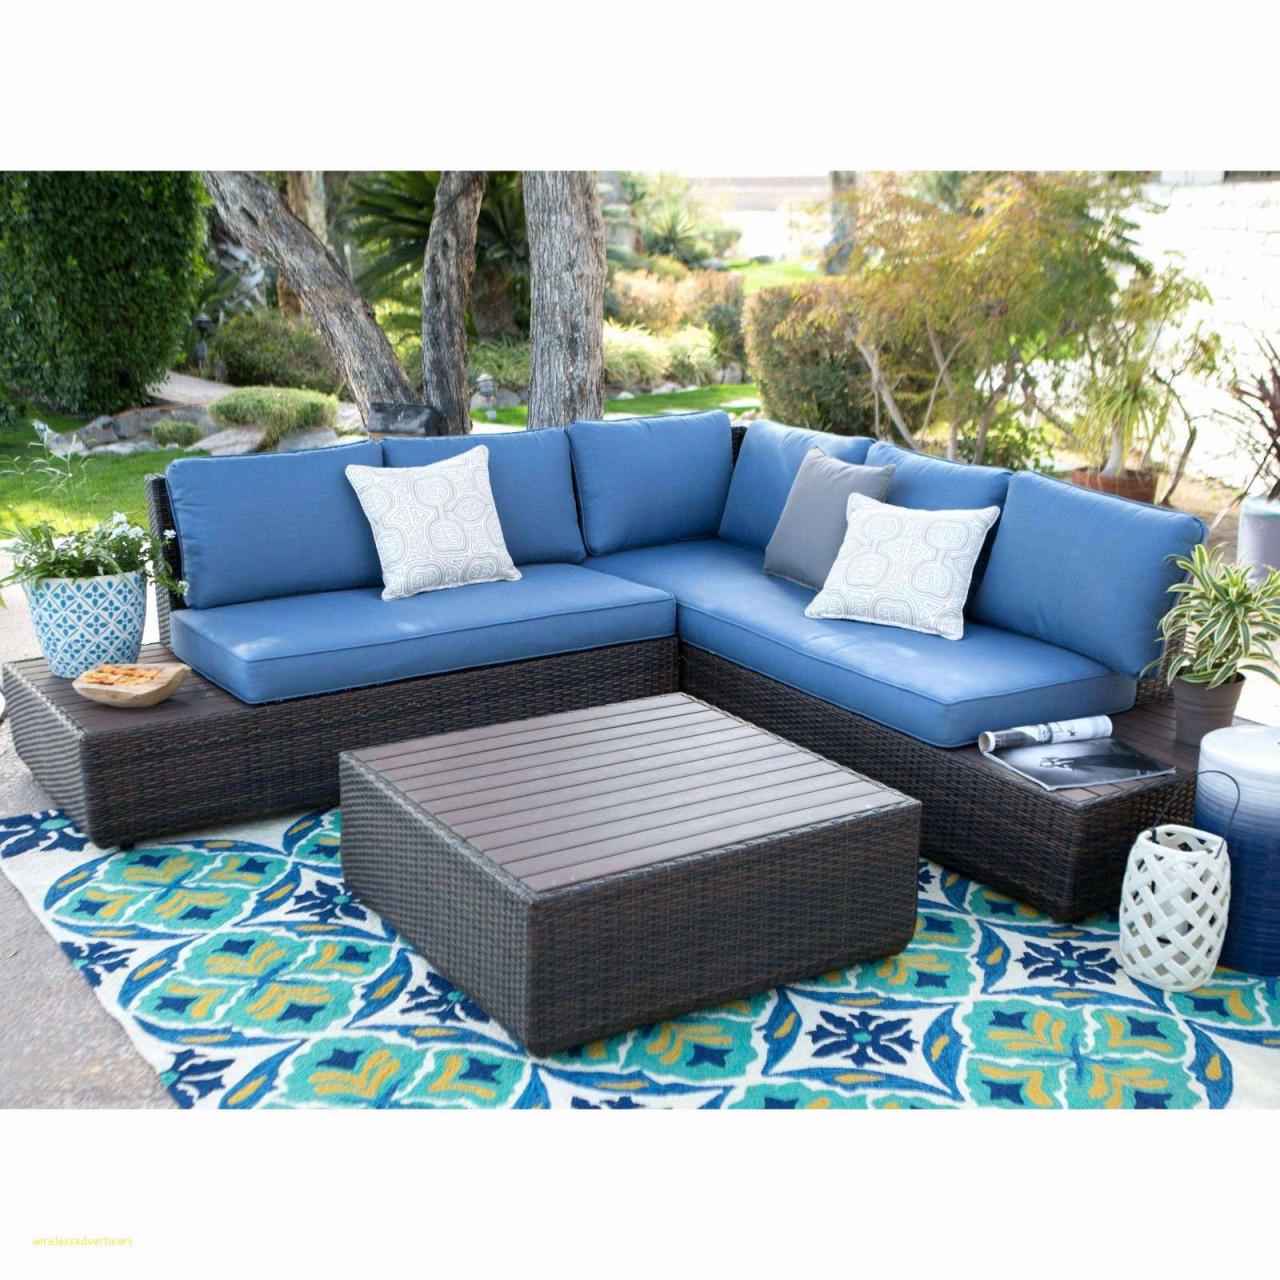 diy sofa bed 39 das beste von diy garten durch diy sofa bed